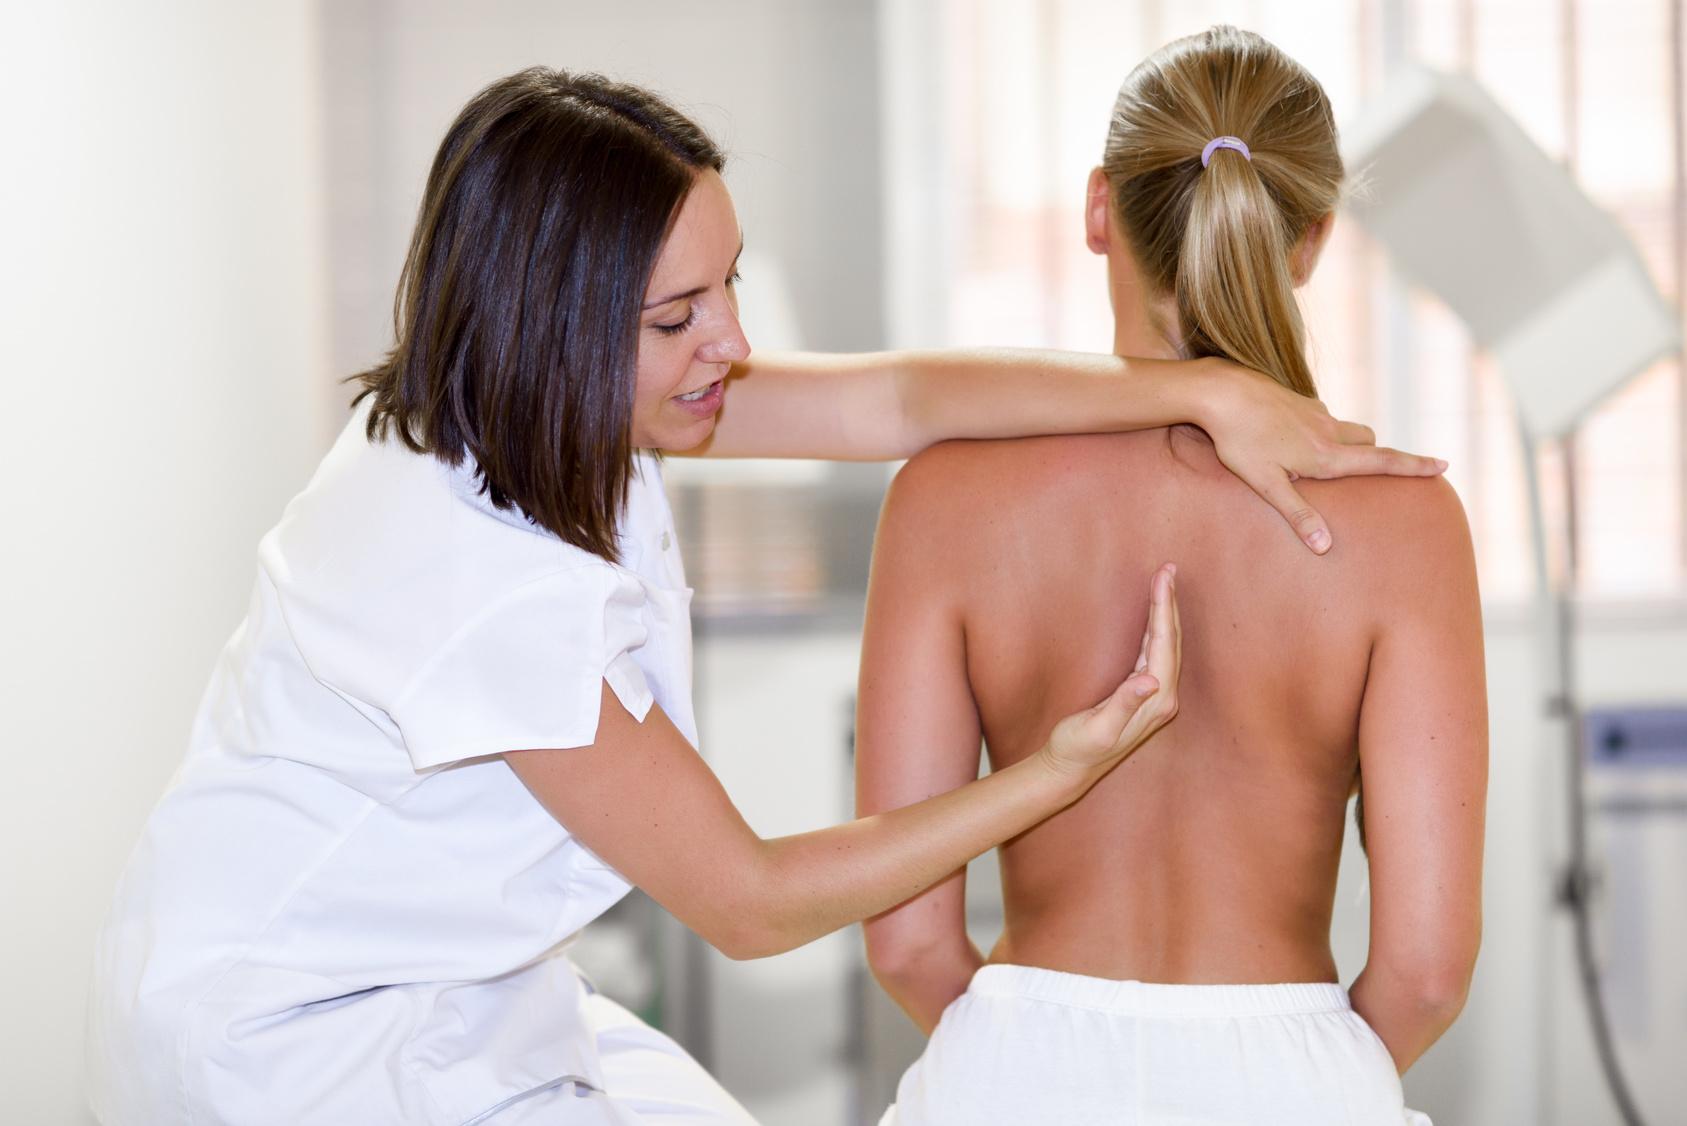 masaža terapija upoznavanje s klijentima Kina dating 100 besplatno